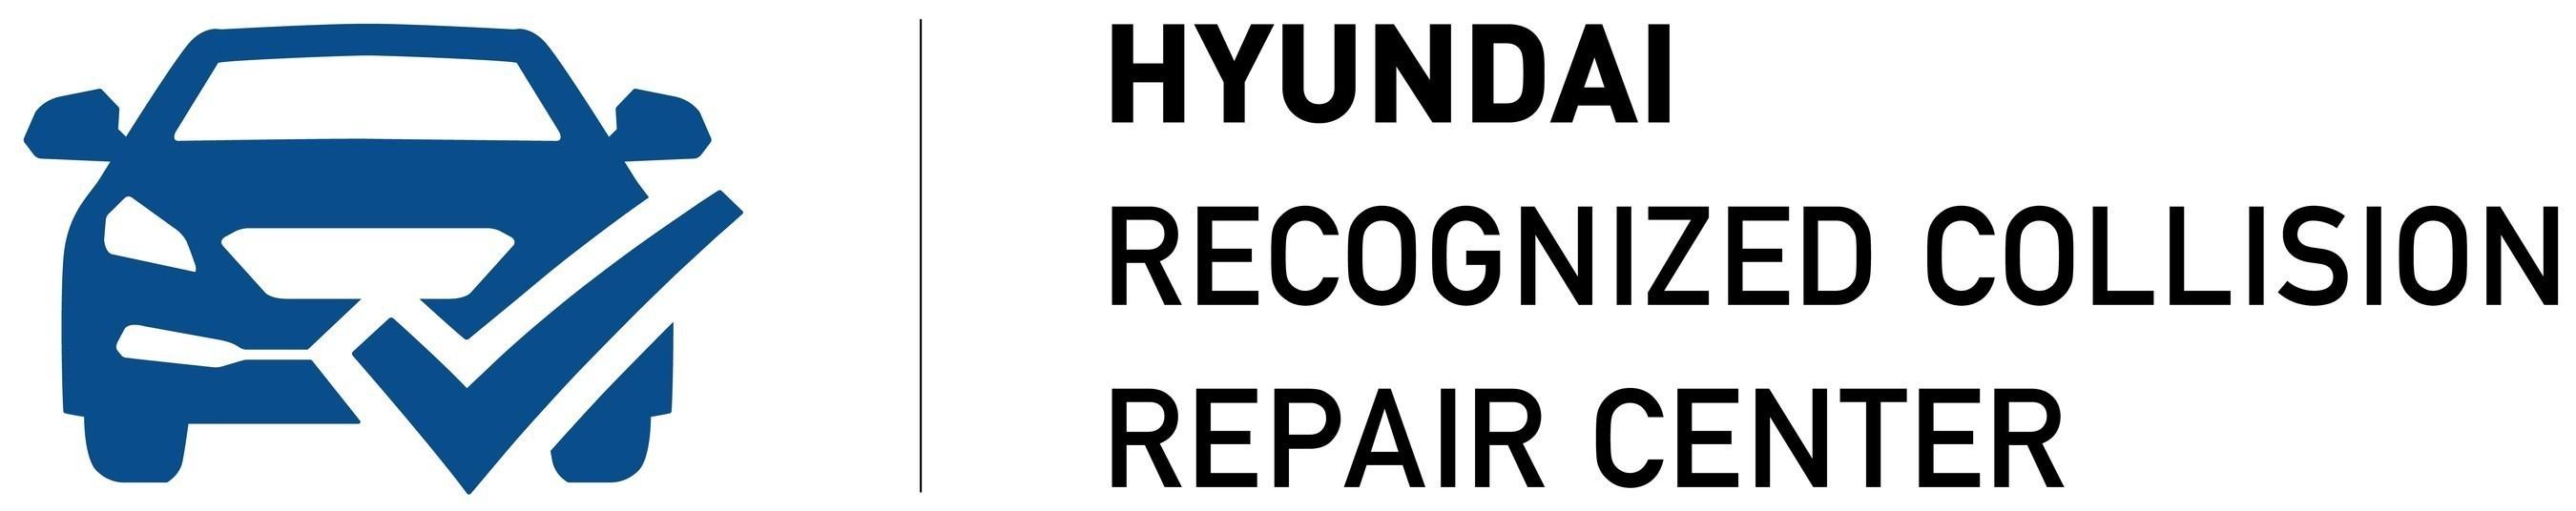 HYUNDAI LAUNCHES RECOGNIZED COLLISION REPAIR CENTER PROGRAM